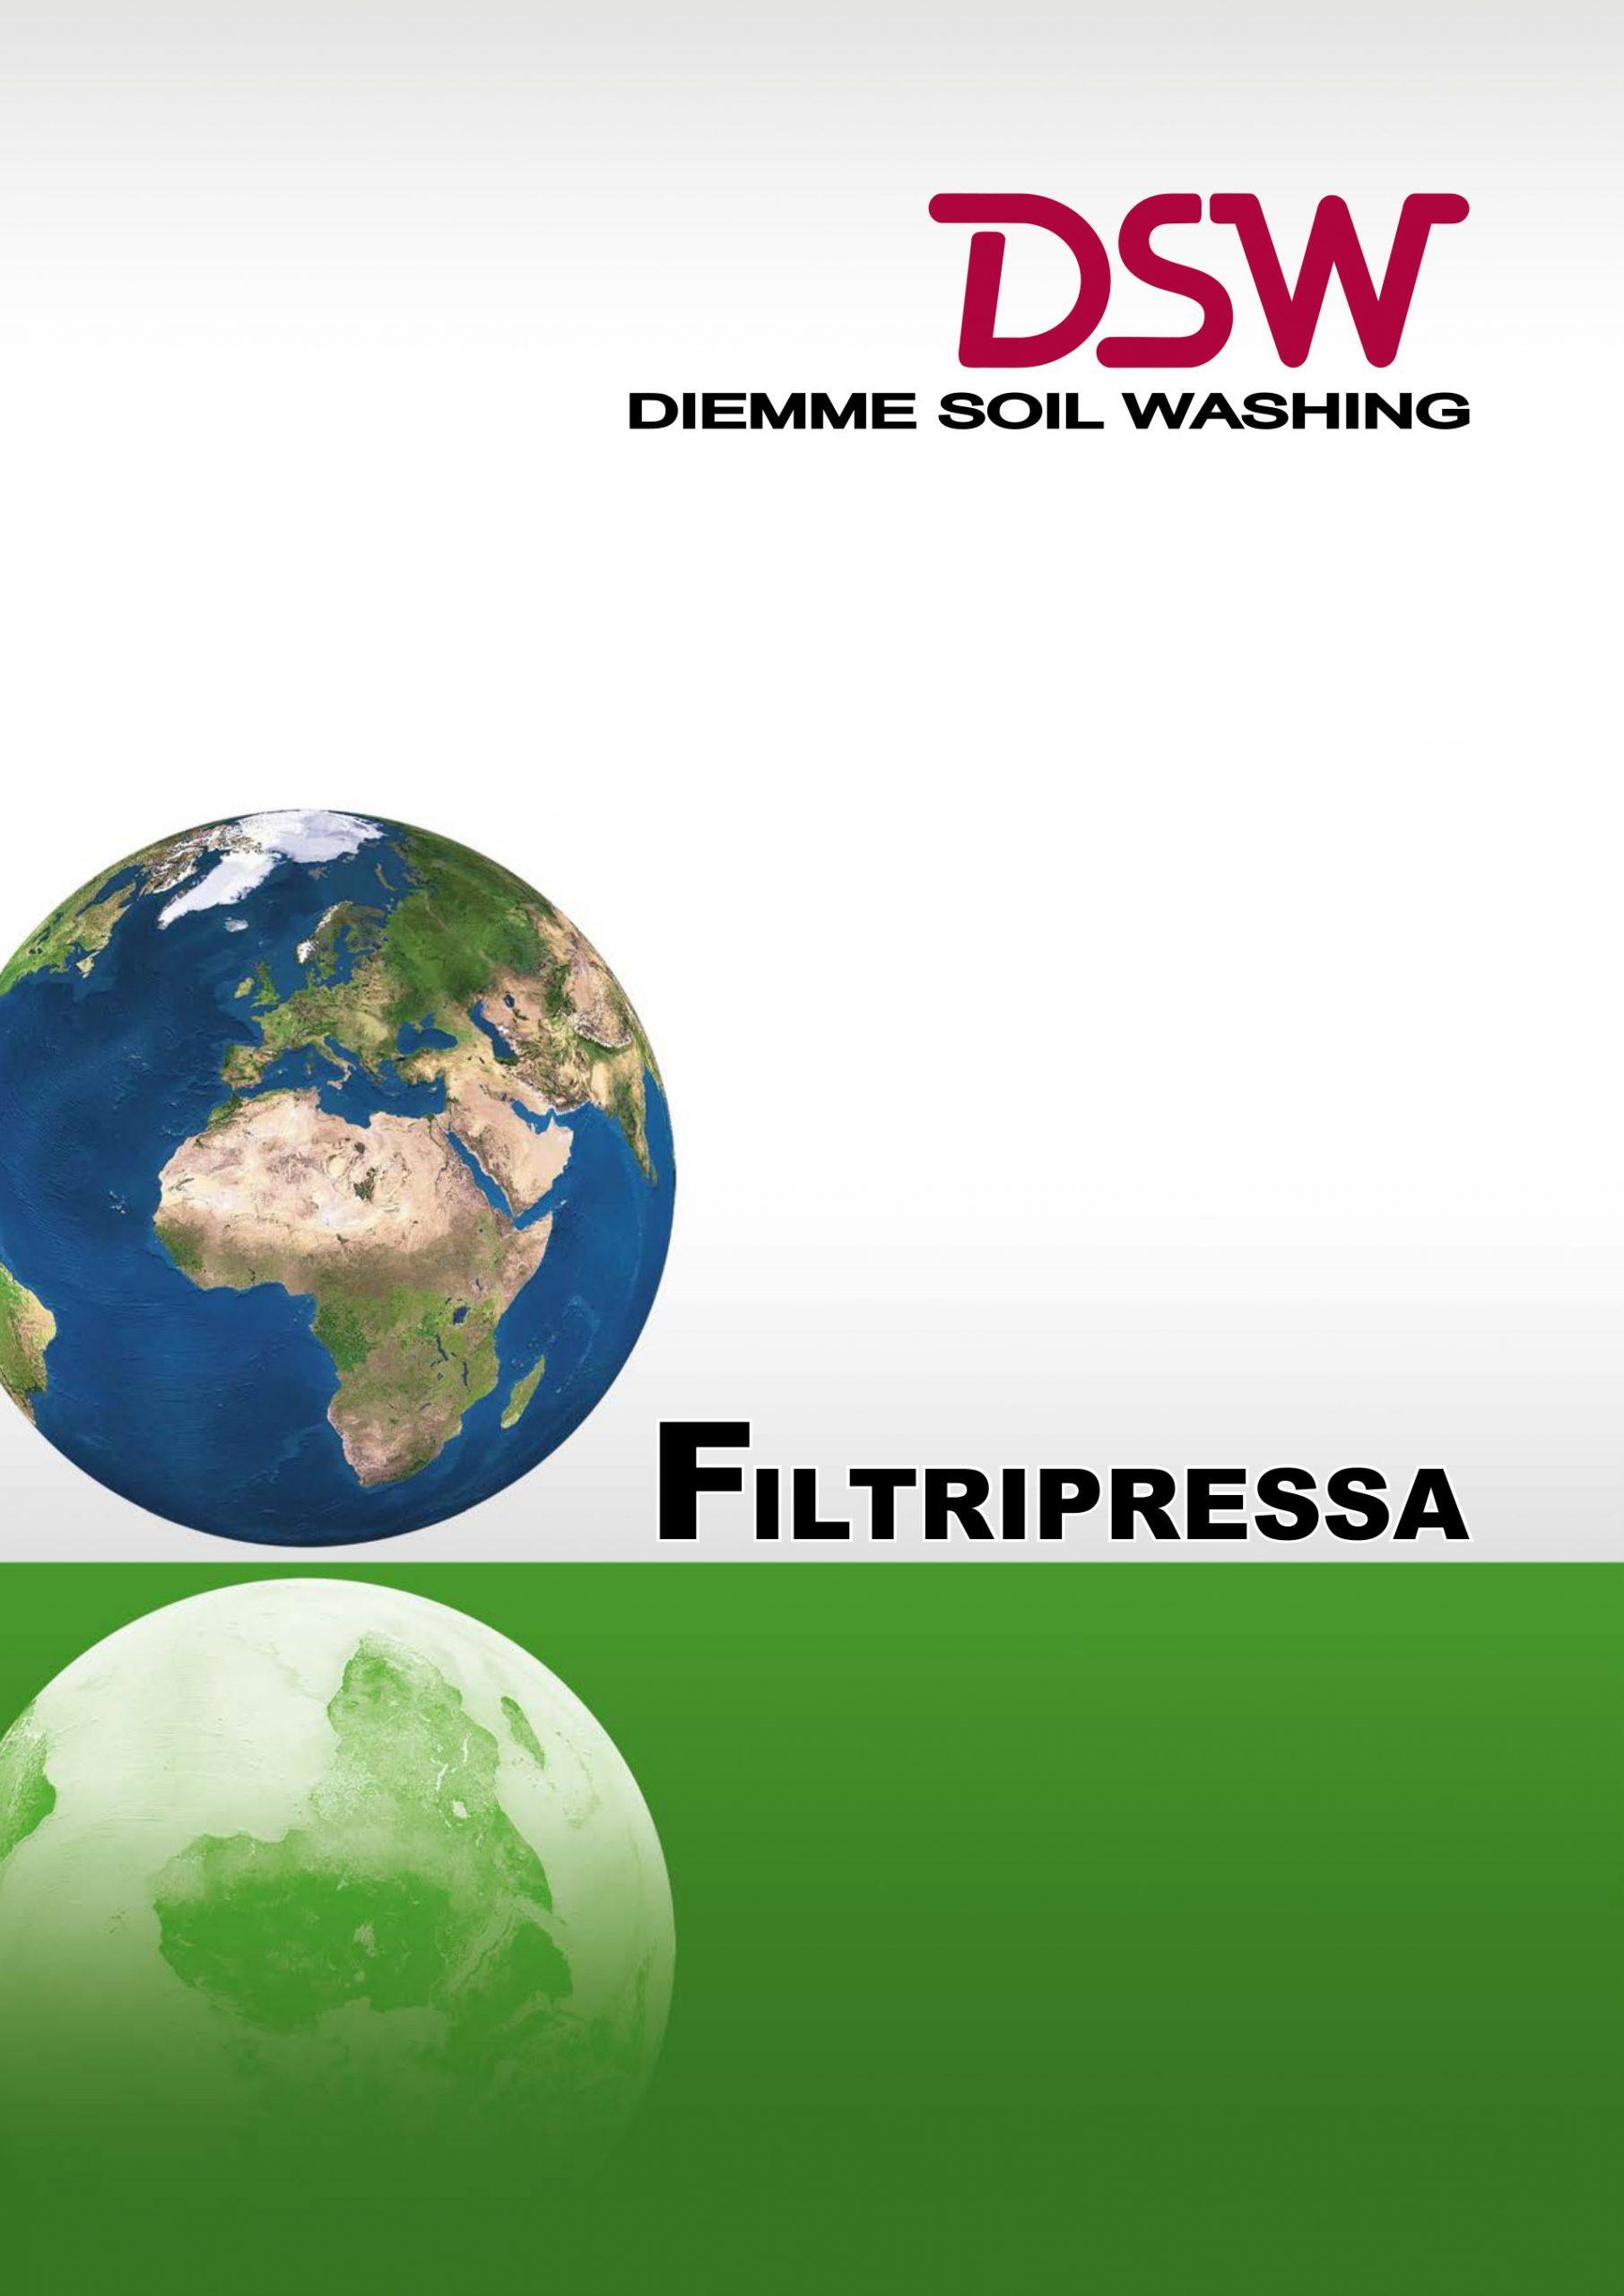 Scarica il catalogo Filtripressa Diemme Soil Washing